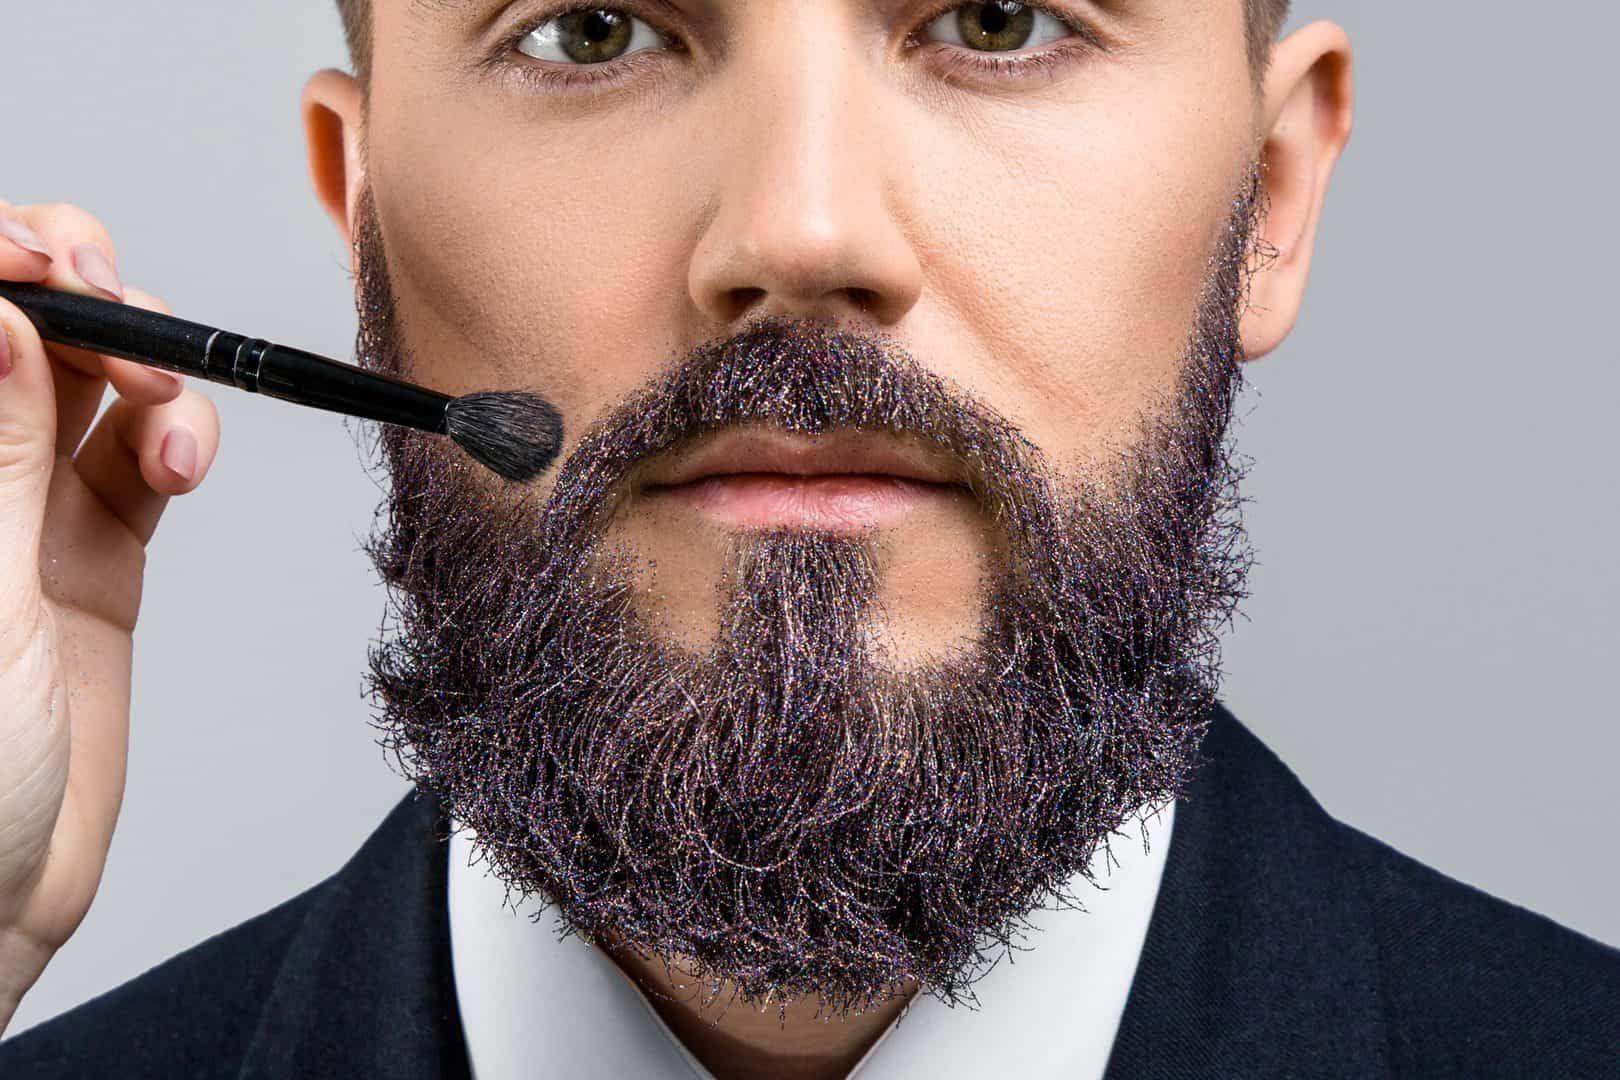 Bart färben graue haare